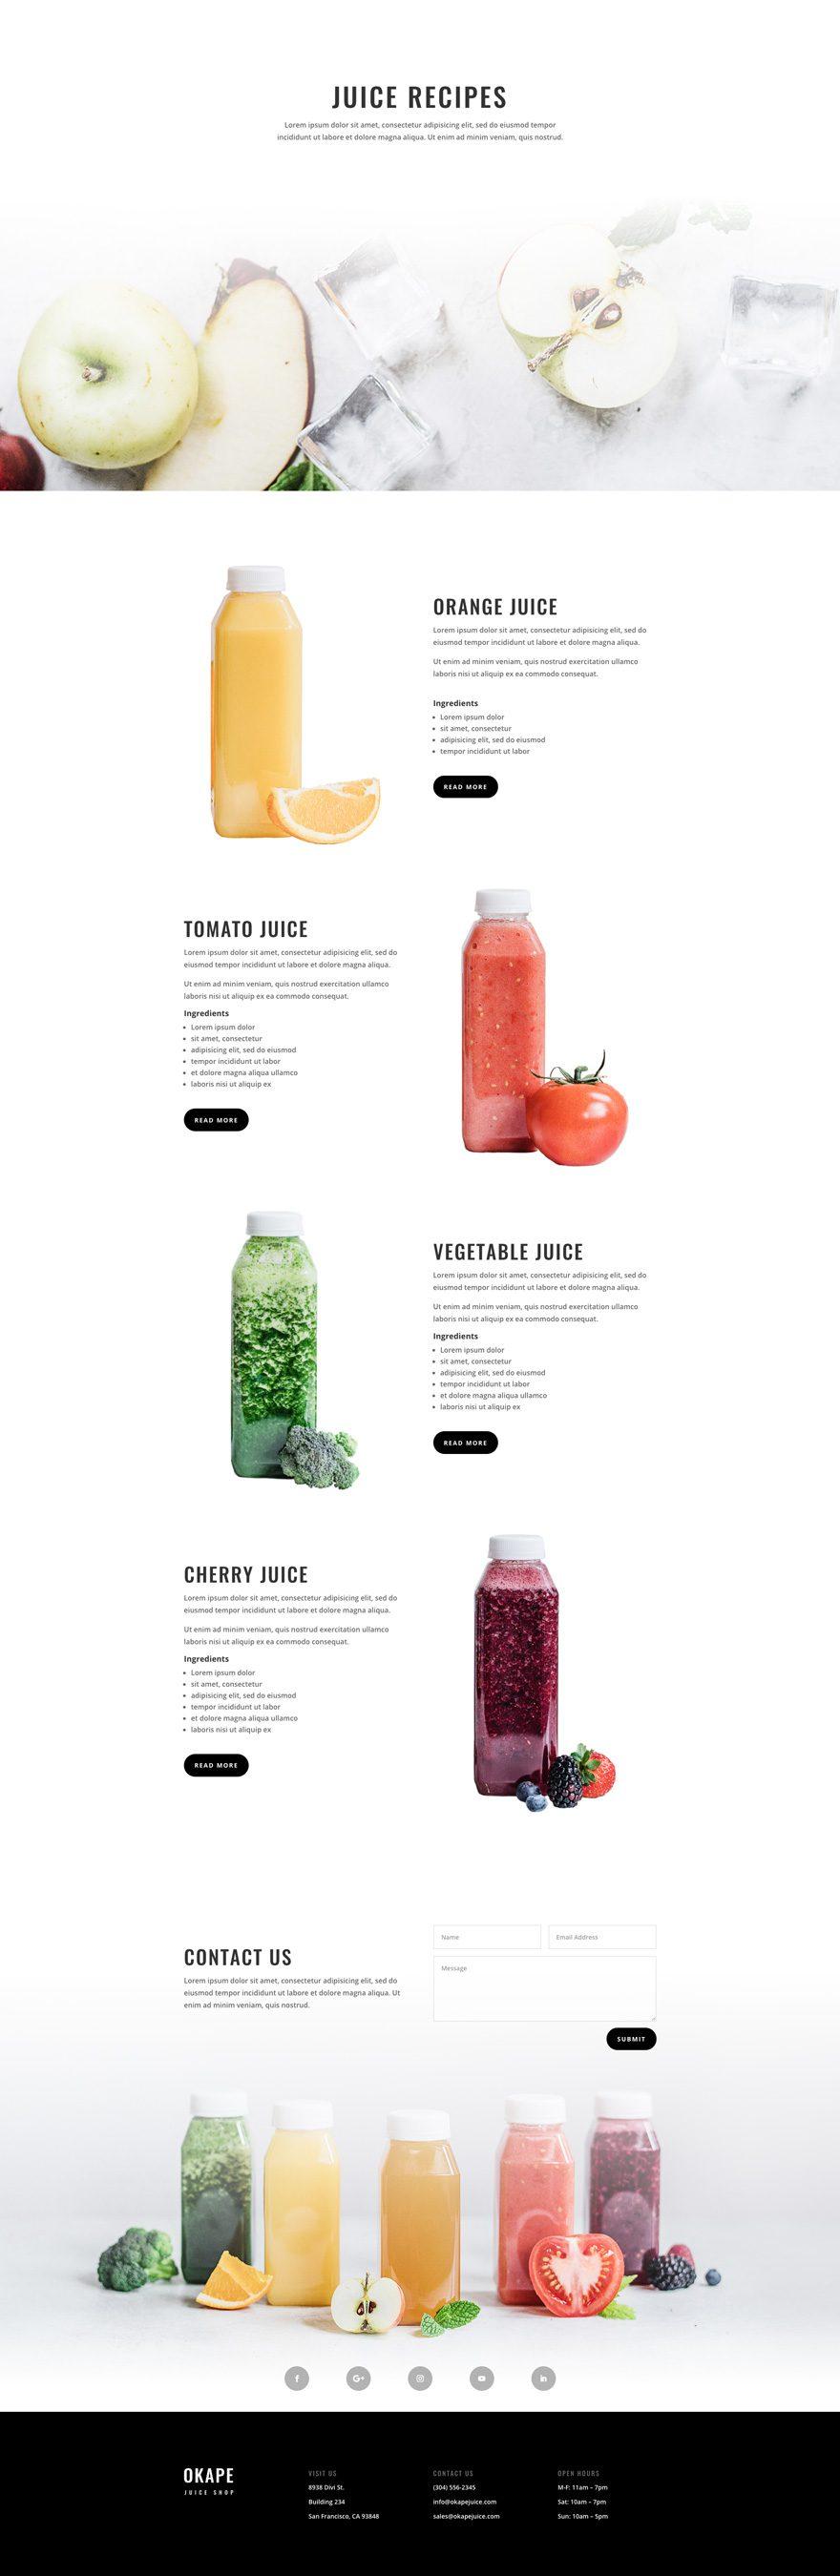 juice shop recipes